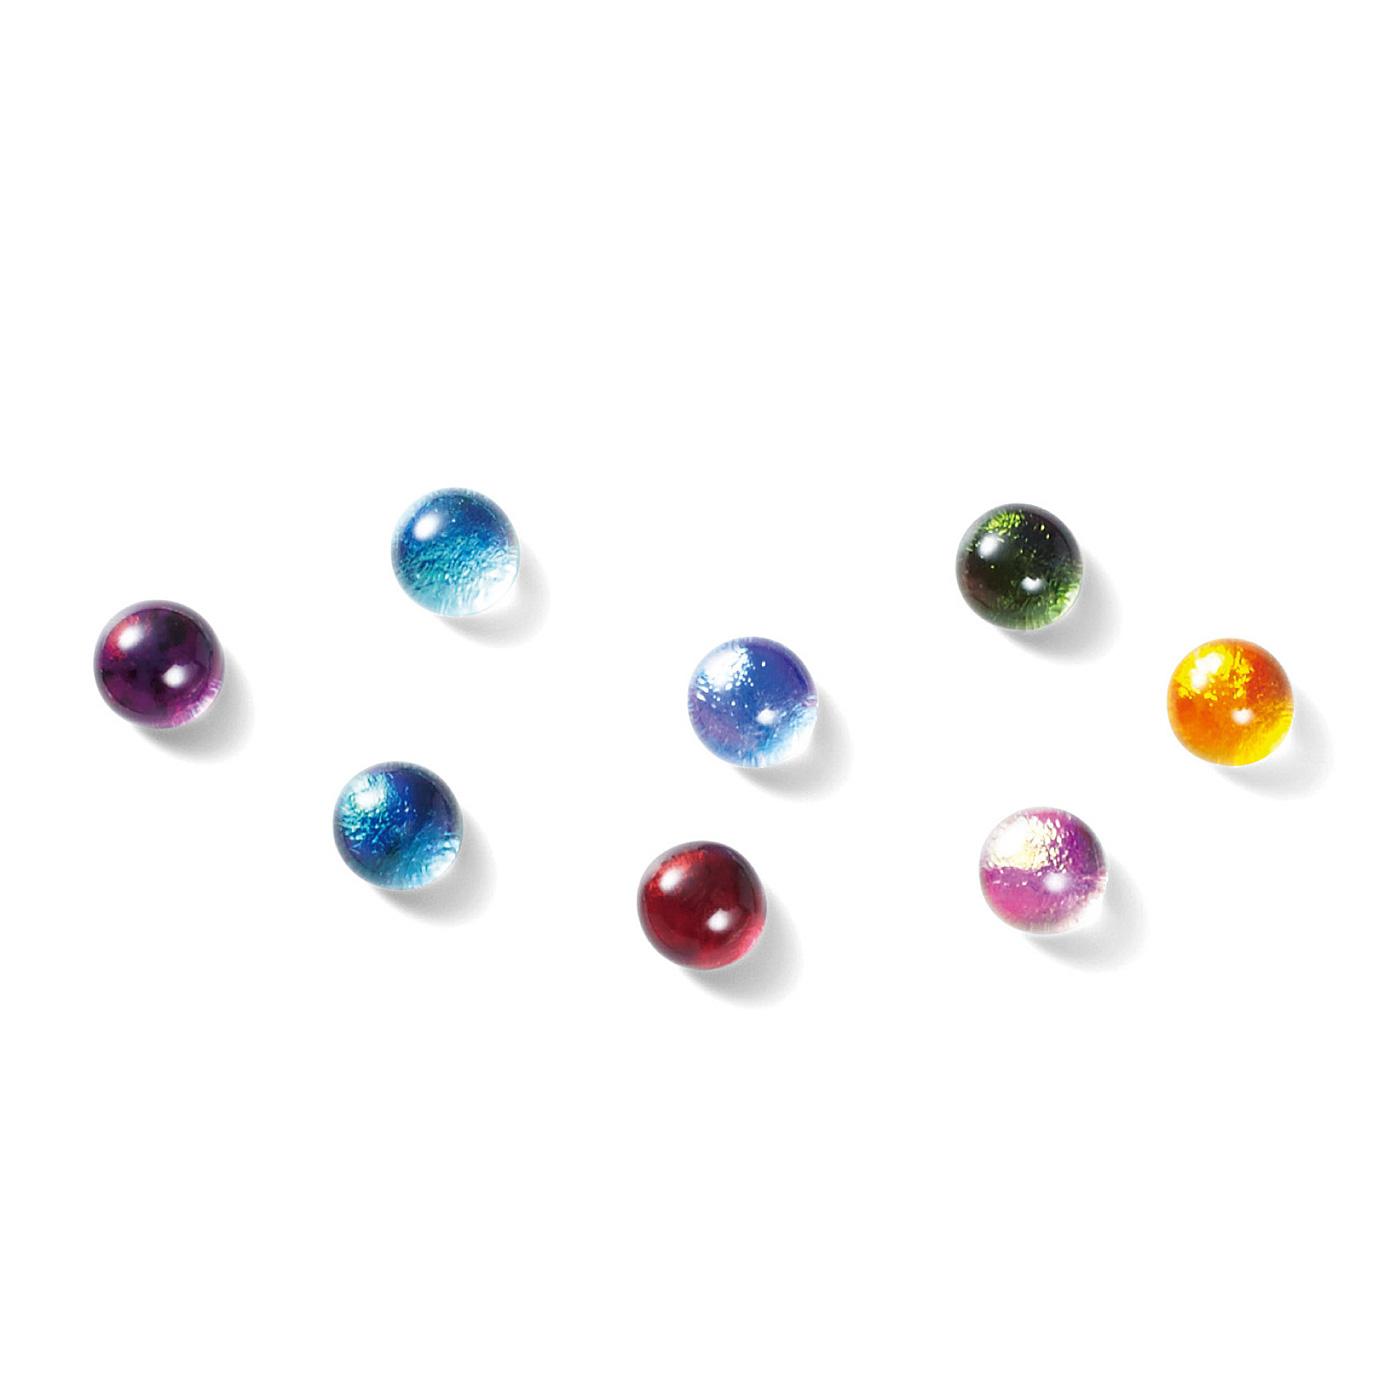 虹色のダイクロガラスを色ガラスと重ねて焼成。